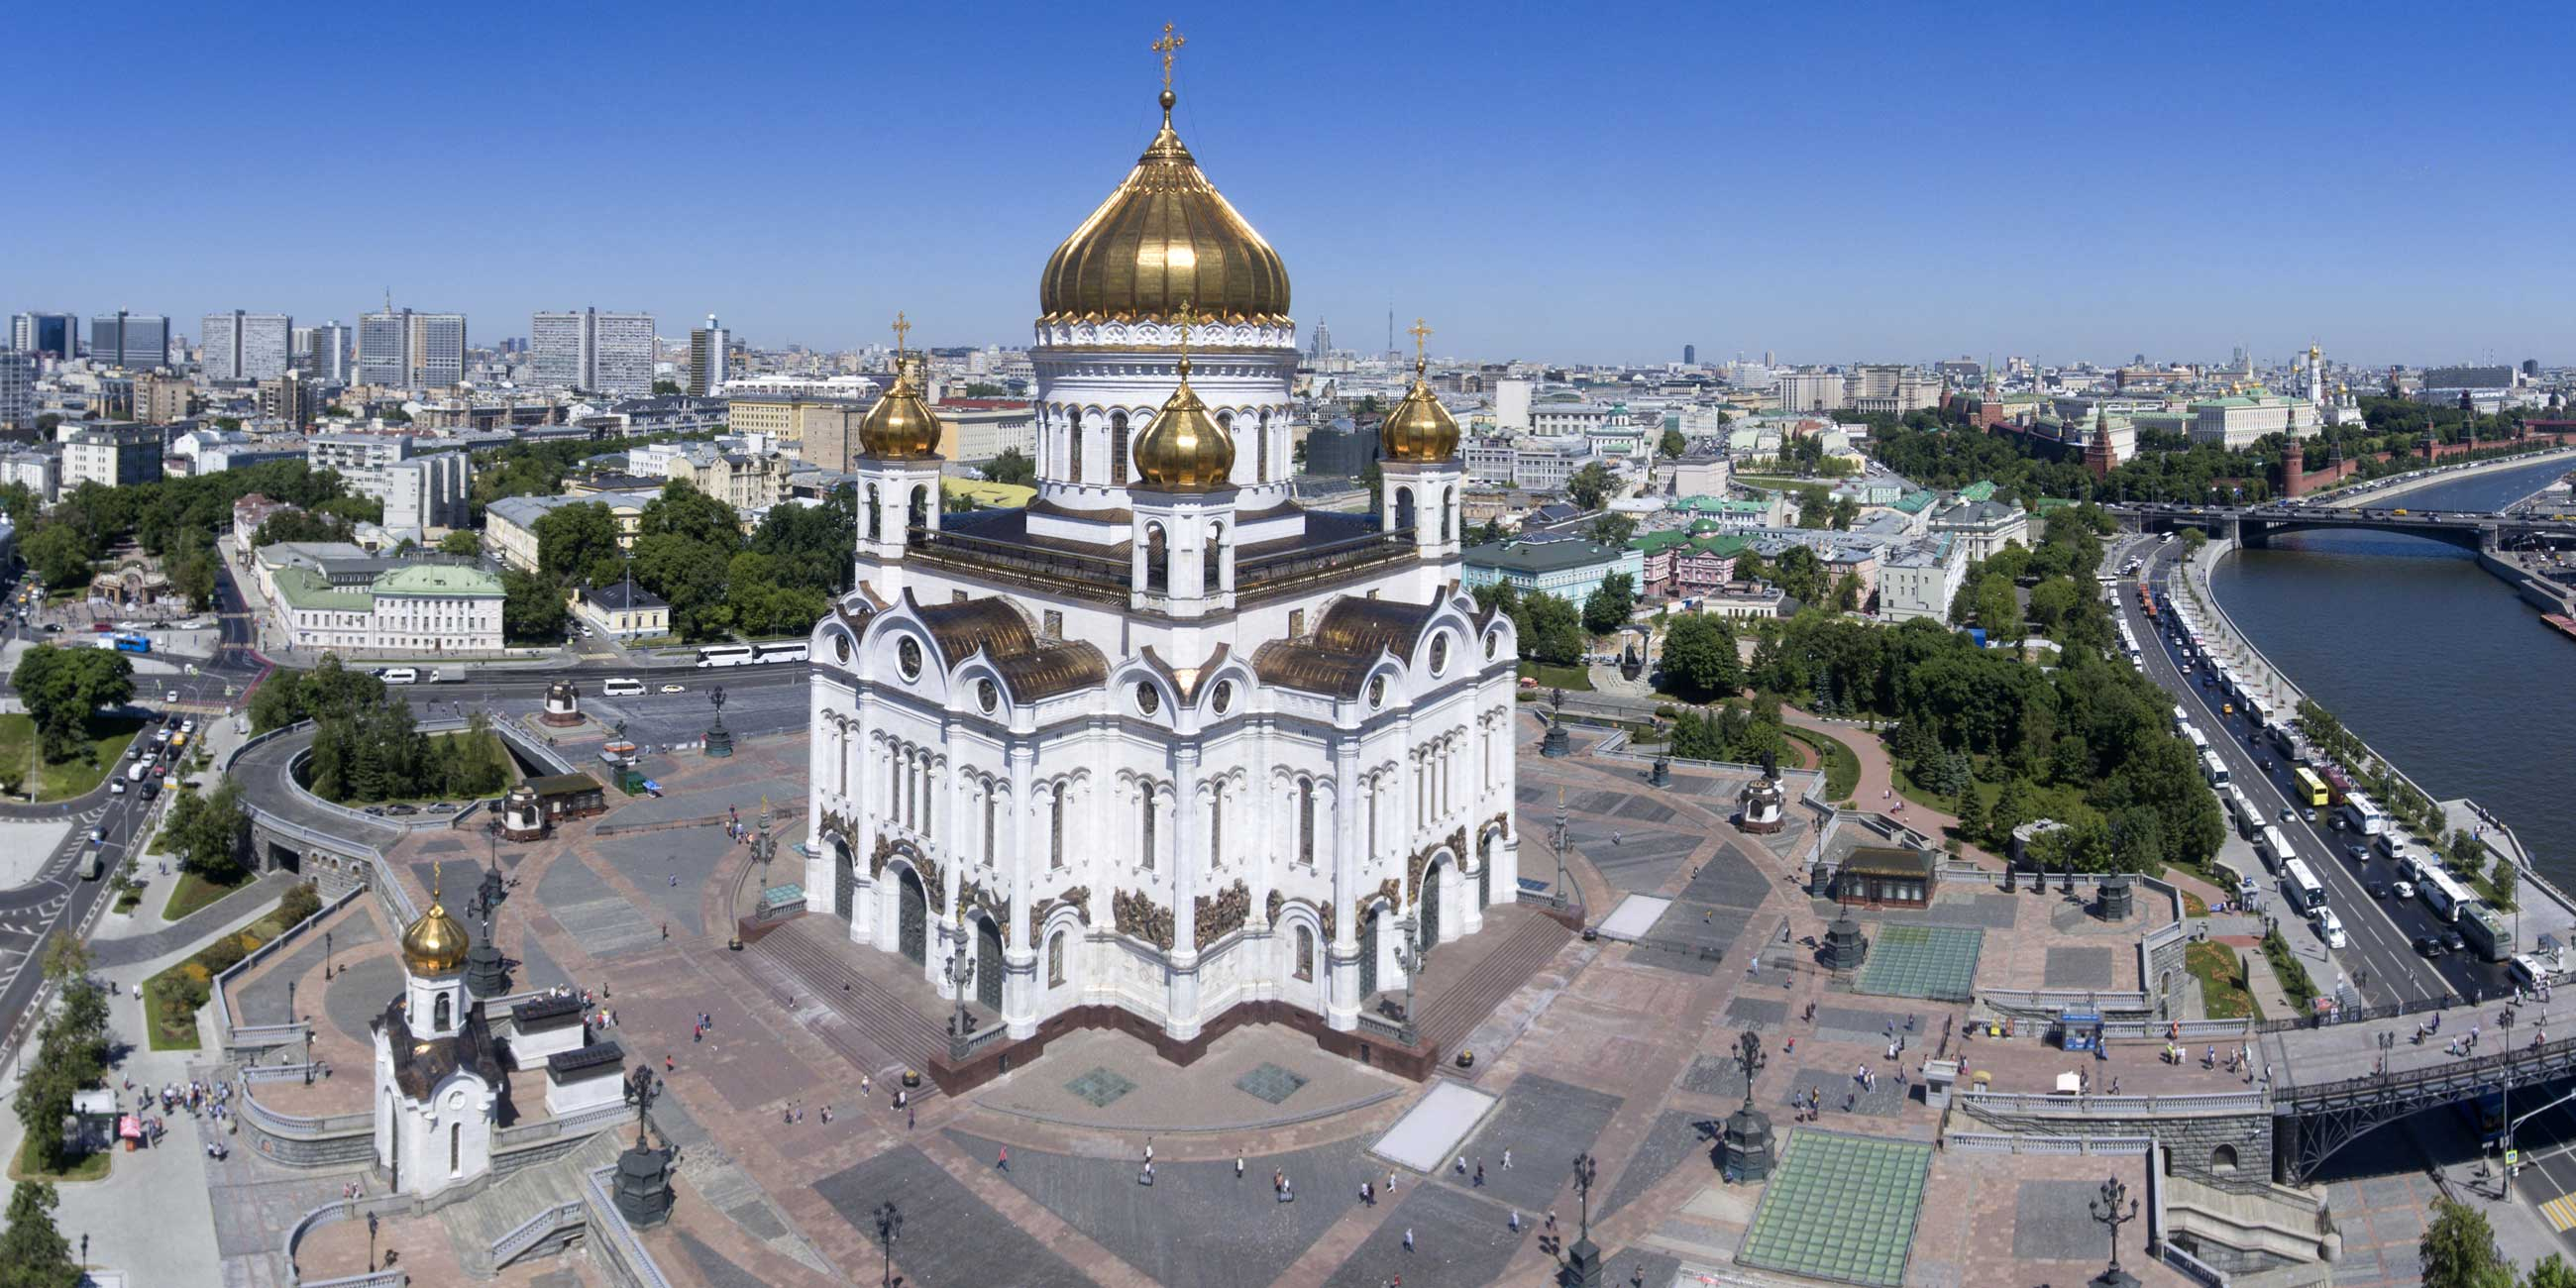 Храм Христа Спасителя - самое большое культовое сооружение в России.Фото: globallookpress.com